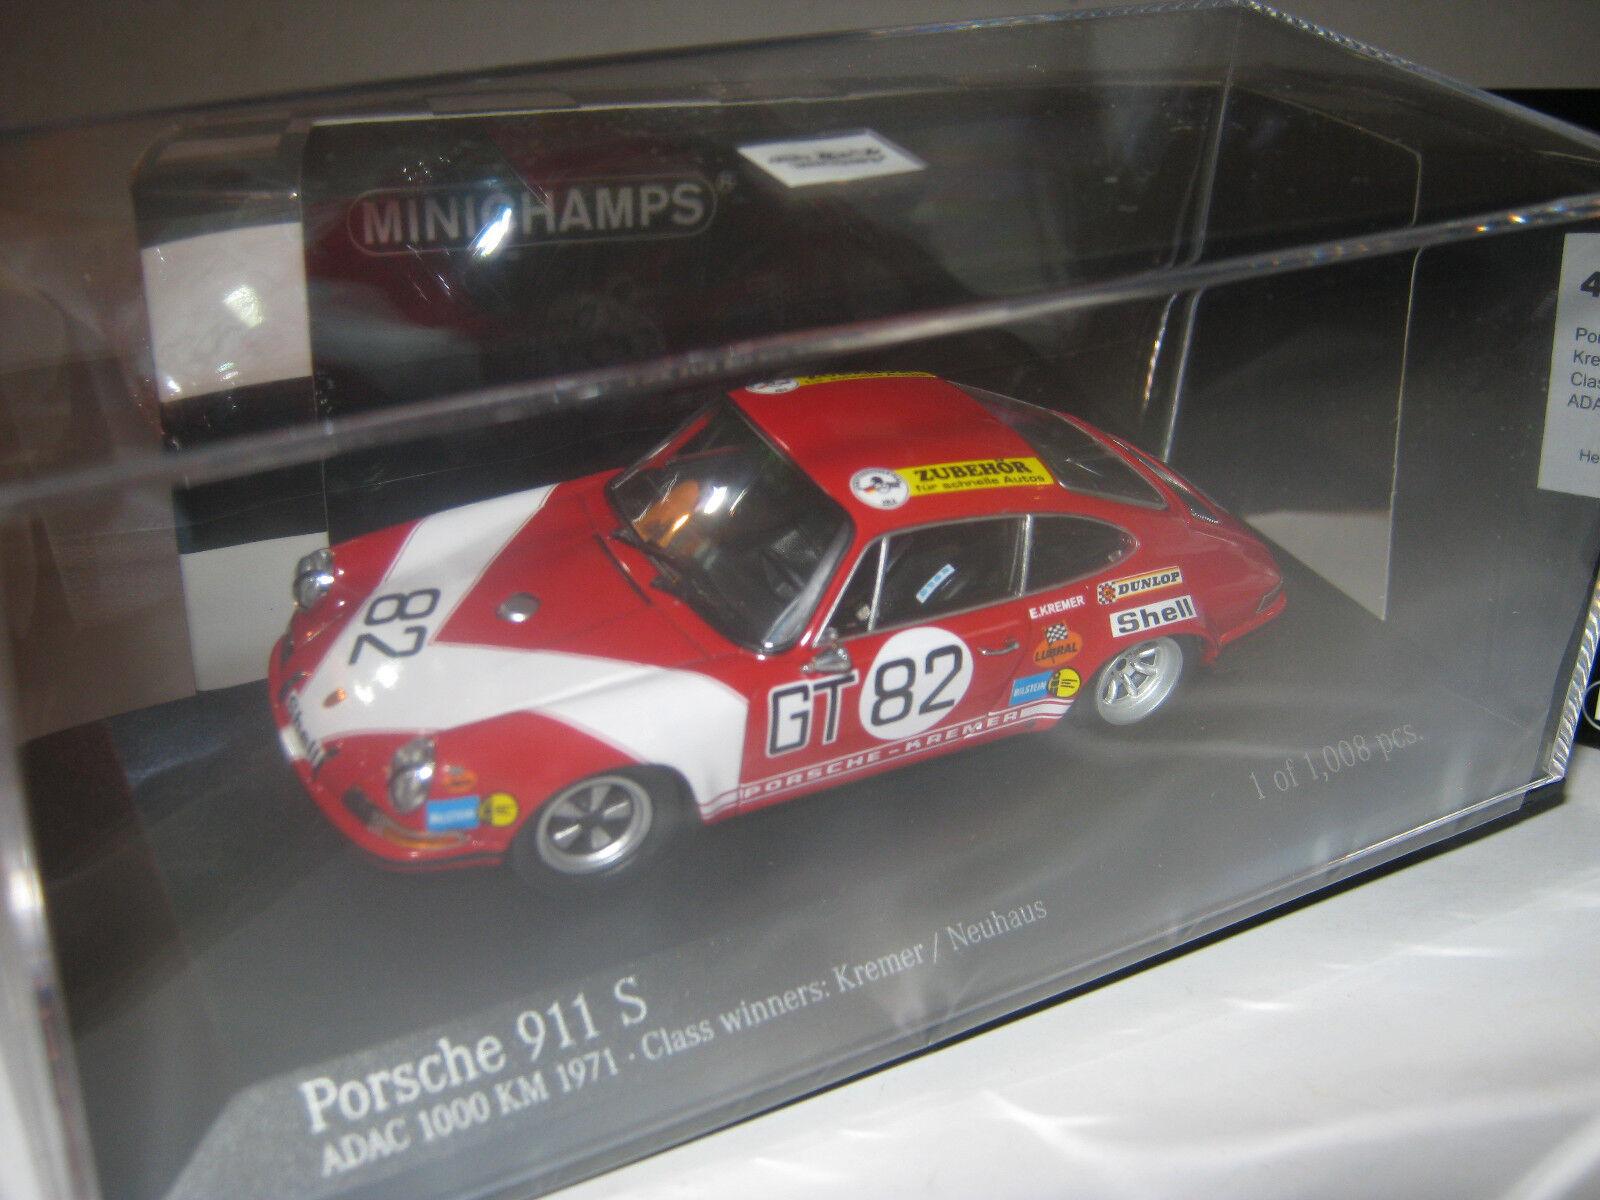 1 43 PORSCHE 911 S Kremer 1000 HM 1971 Minichamps 400716882 New L.E. 1 of 1008